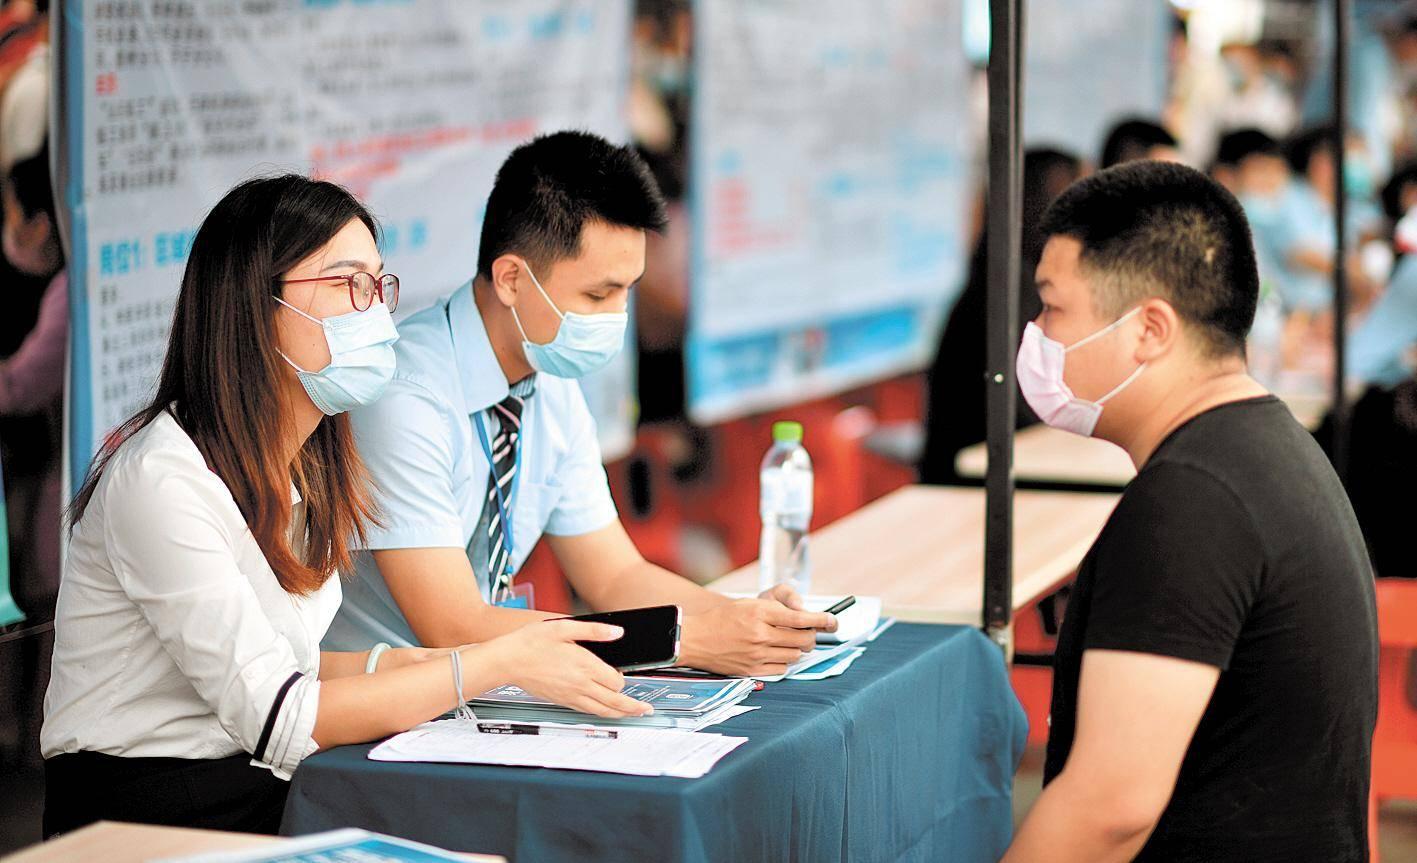 就业人均gdp_珠三角、江苏浙江城市人均GDP排名,深圳下滑、金华中山低于全国